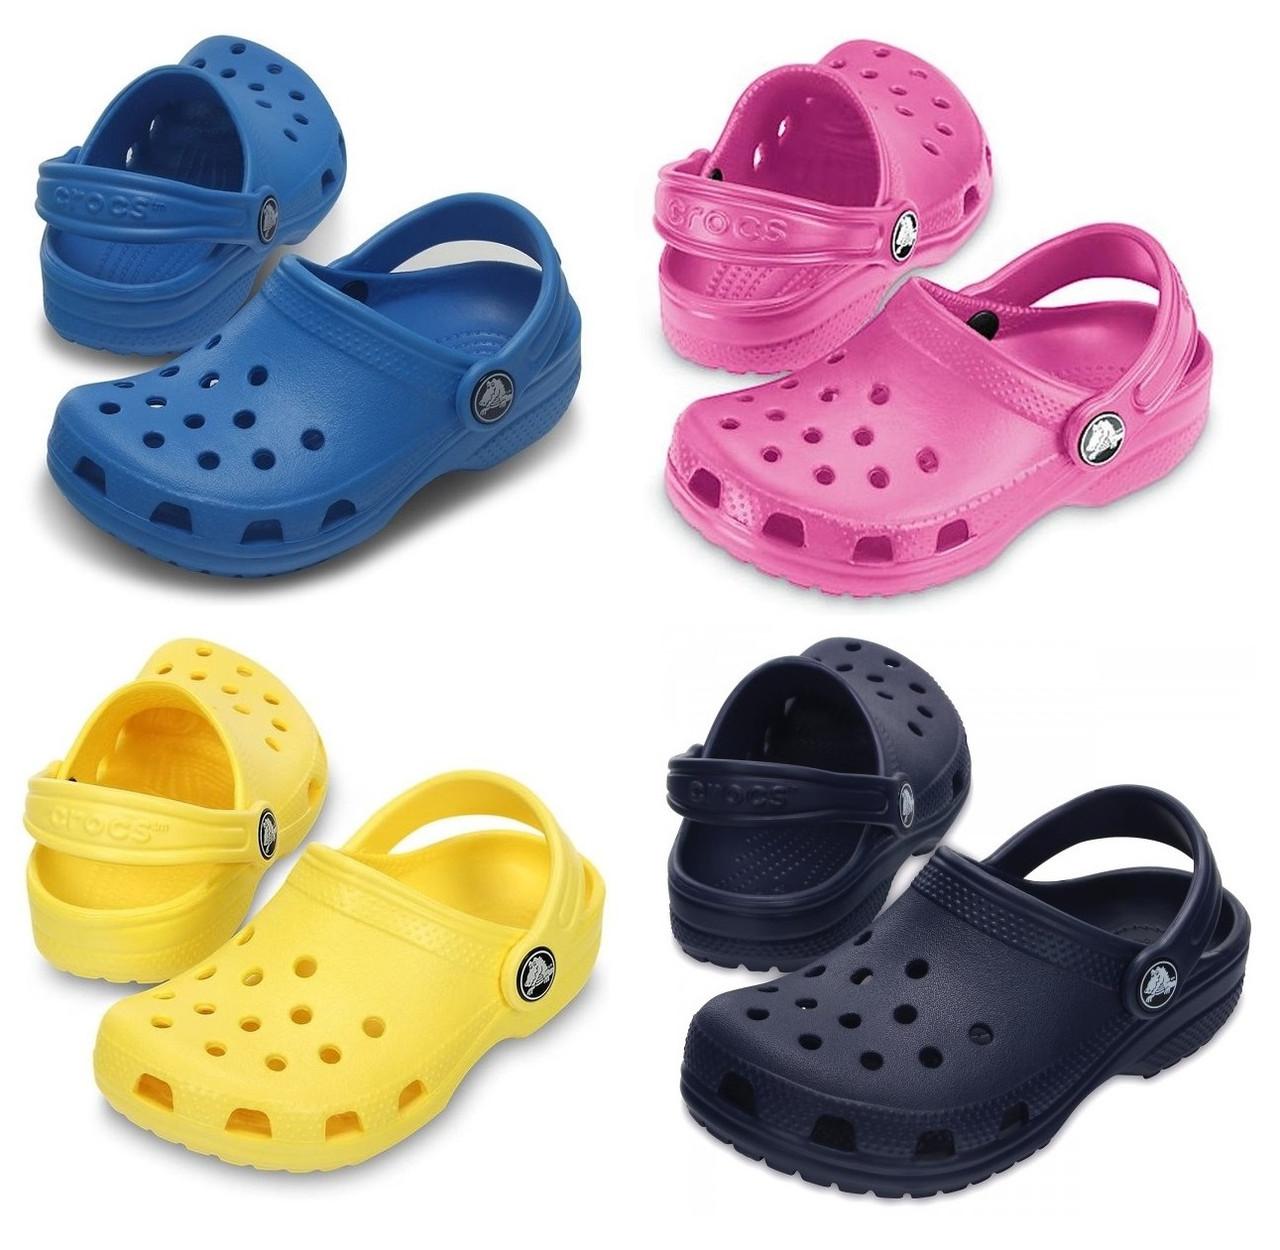 Кроксы детские Классик оригинал / Сабо Crocs Kids' Classic Clog